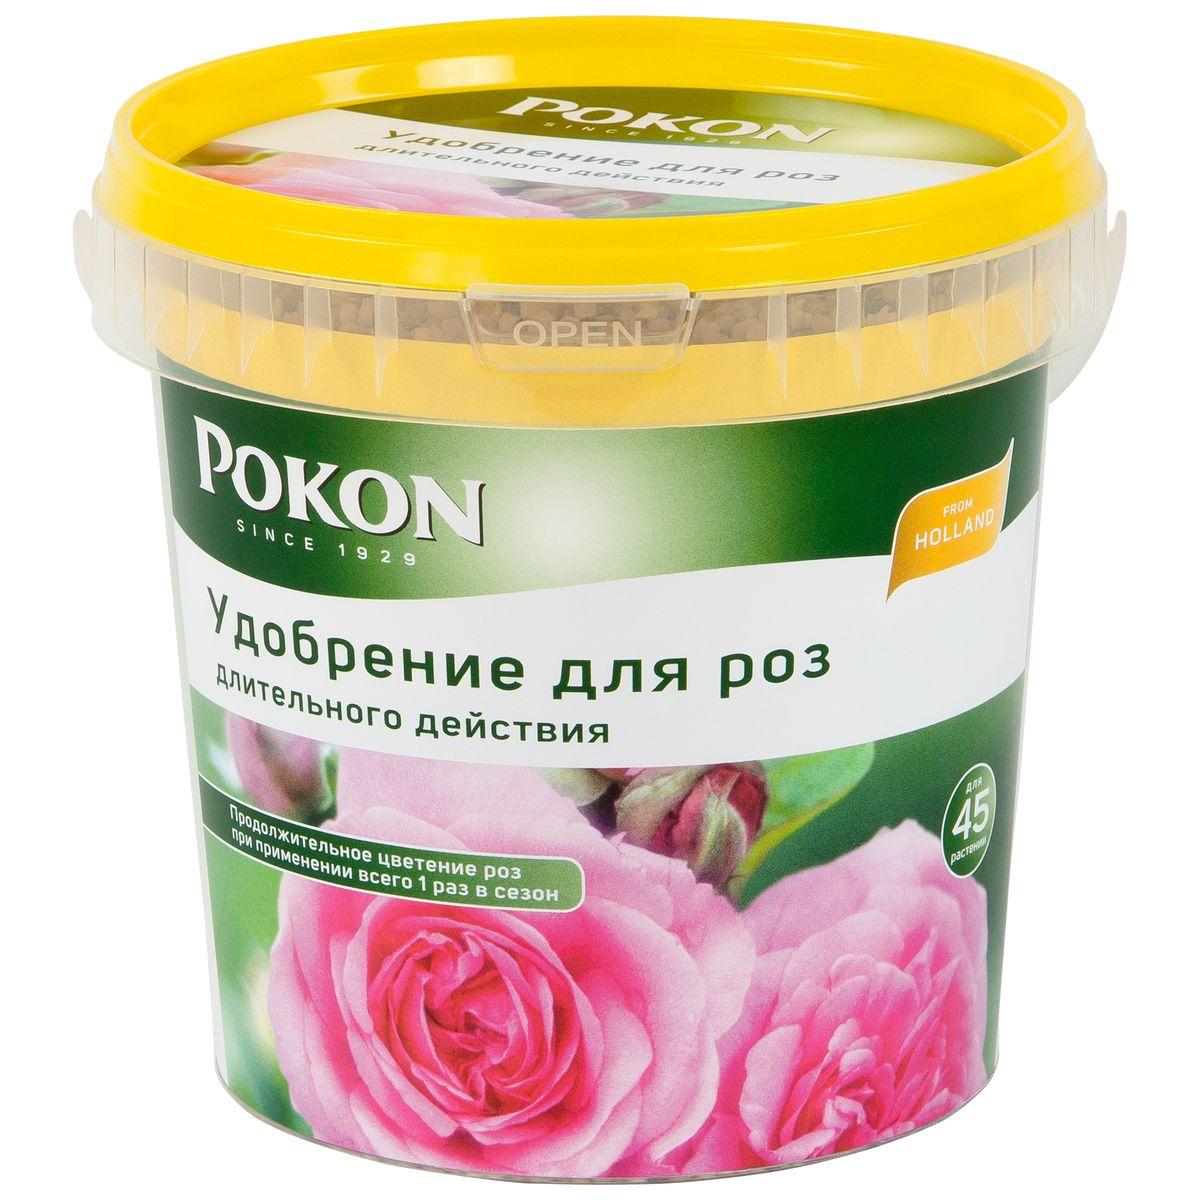 Удобрение для роз Pokon, длительного действия, 900 г8711969016118Удобрение Pokon длительного действия содержит как раз столько азота, фосфора и калия, сколько нужно для здоровья и красоты ваших роз. А добавка железа увеличивает их восприимчивость к свету. В удобрении есть все необходимое, чтобы розы цвели все лето - часто и обильно. Достаточно внести это удобрение один раз, и затем питательные вещества будут постепенно высвобождаться и проникать в растения в течение сезона под воздействием дождей и солнца.Состав: 17% — общее содержание азота (N); 3% — нитратный азот; 4% — аммонийный азот; 10% — мочевинный азот; 16% — безводная фосфорная кислота (P2O5), растворимая в нейтральном цитрате аммония и воде; 17% — водорастворимый оксид калия (K2O); 9,3% — трехокись серы (SO3); 1% — железо (Fe).Товар сертифицирован.